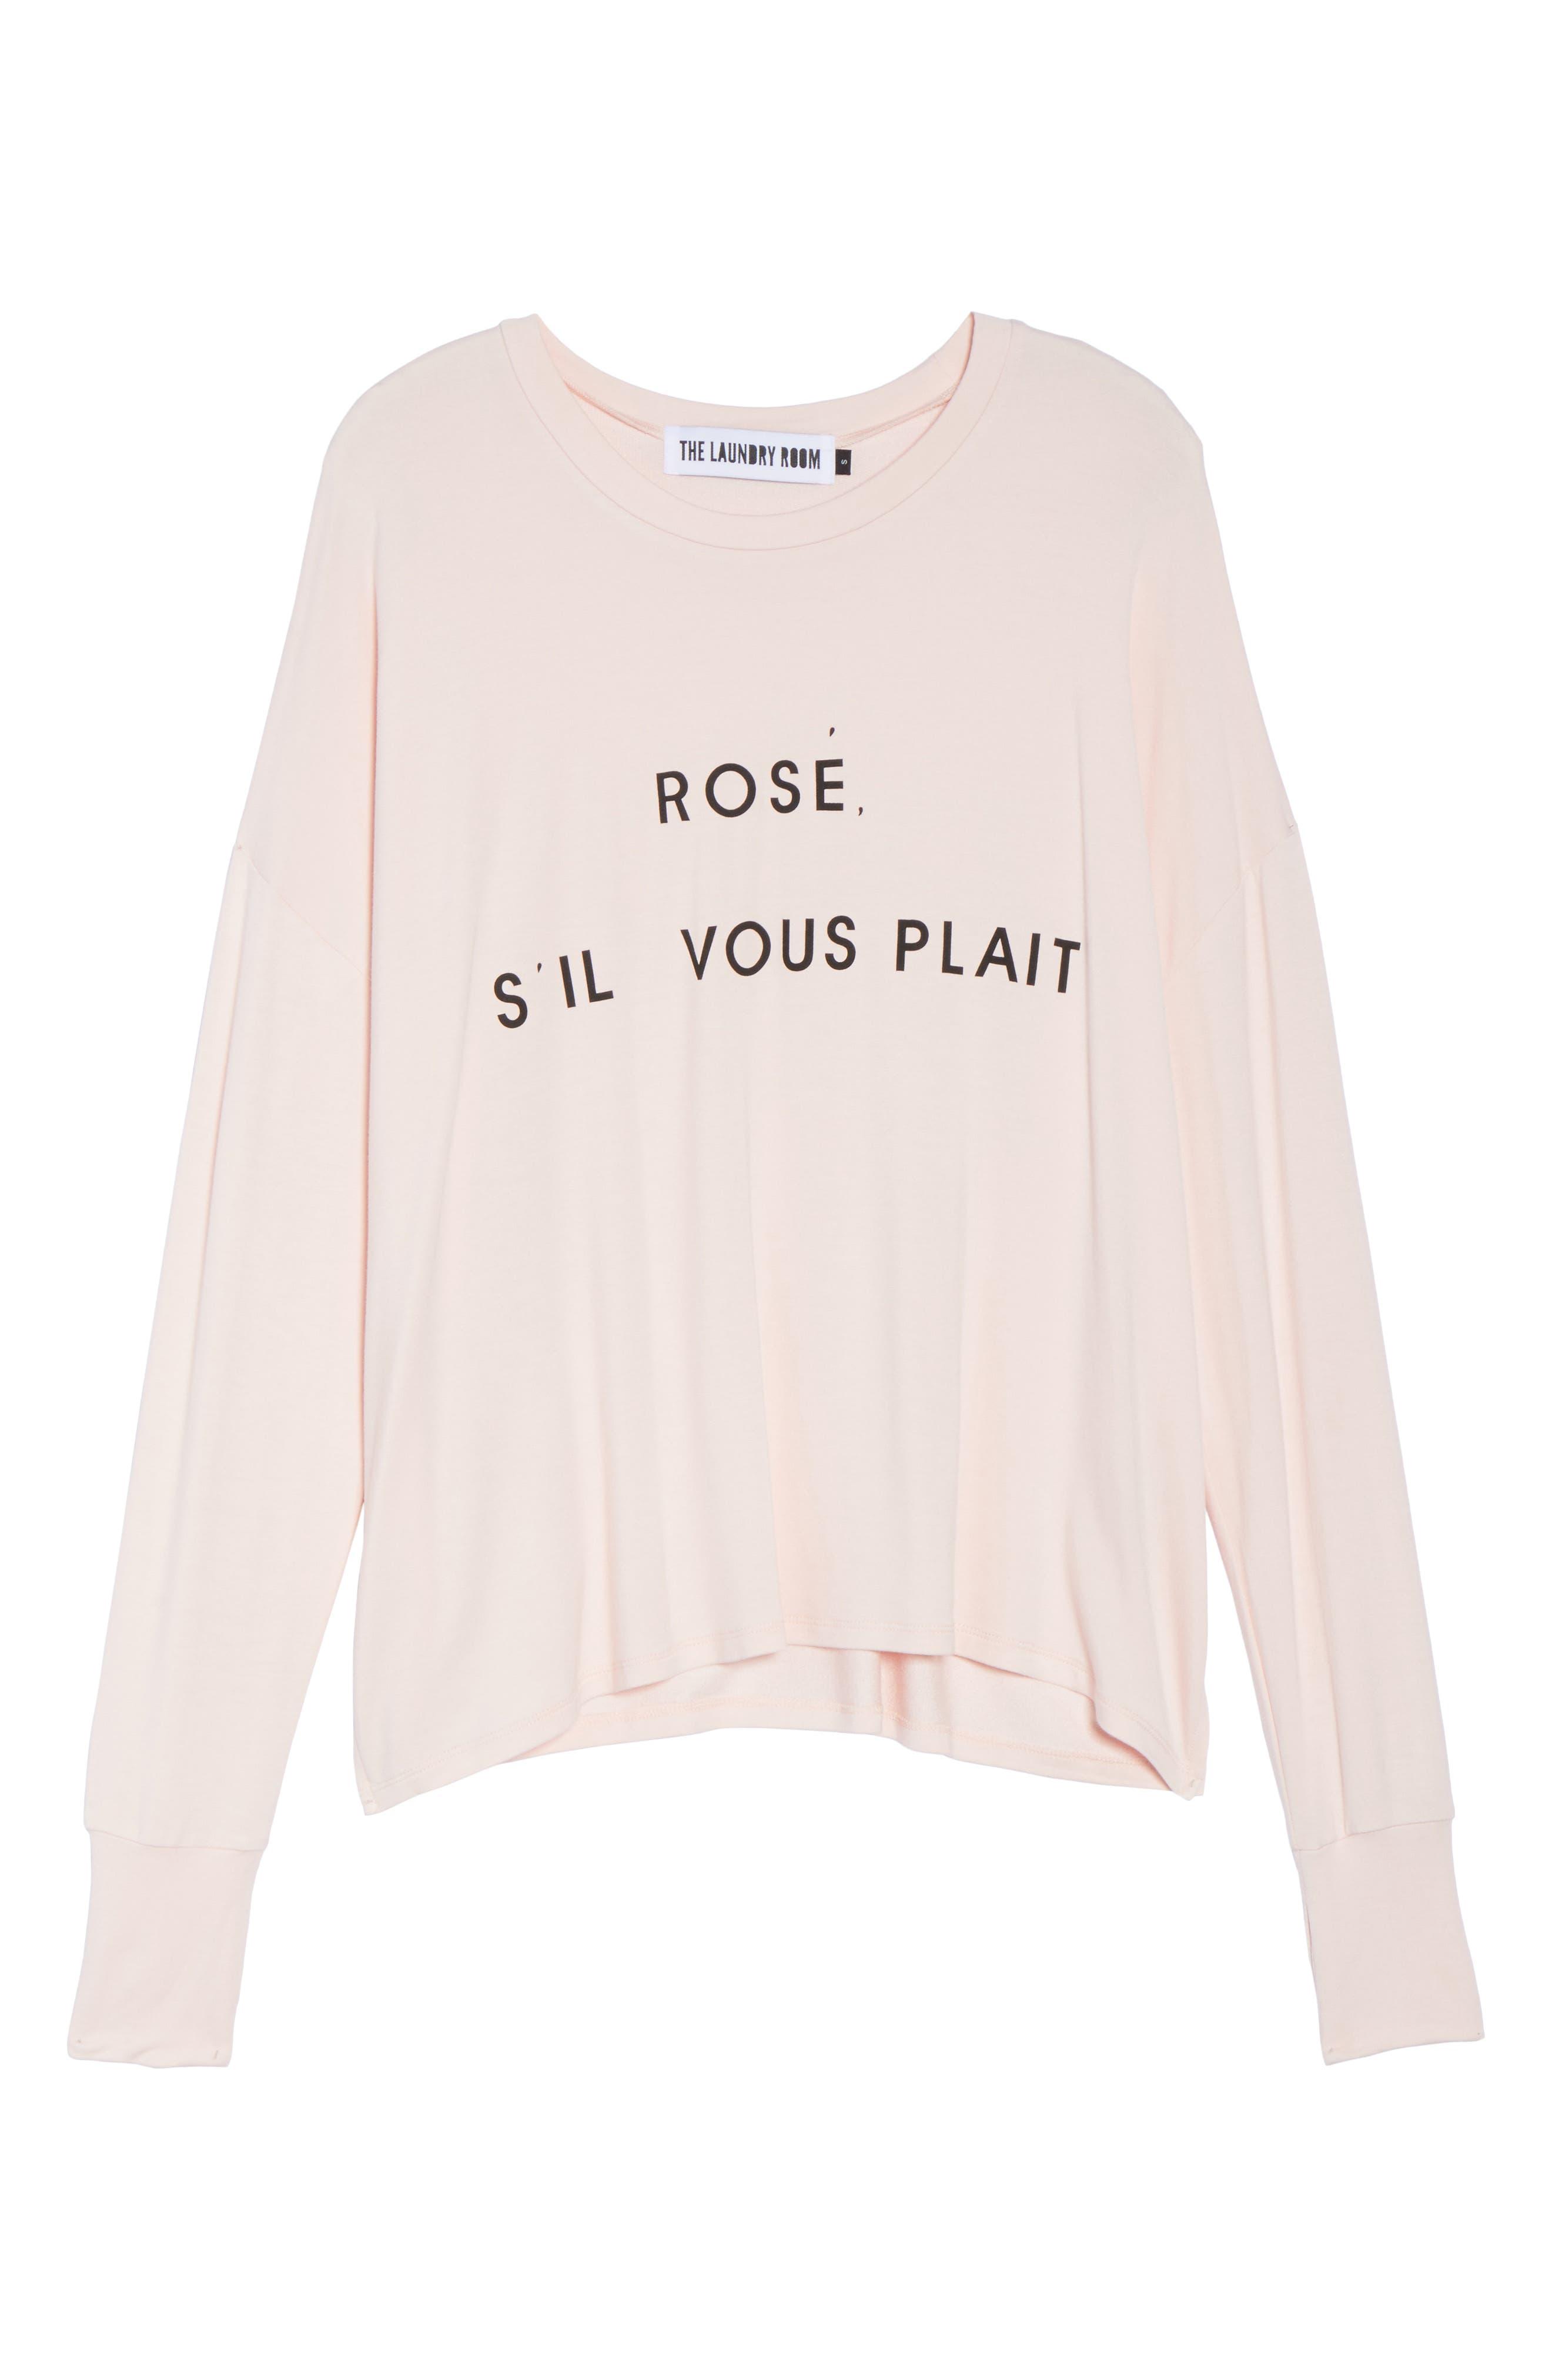 Rosé Please Sweatshirt,                             Alternate thumbnail 6, color,